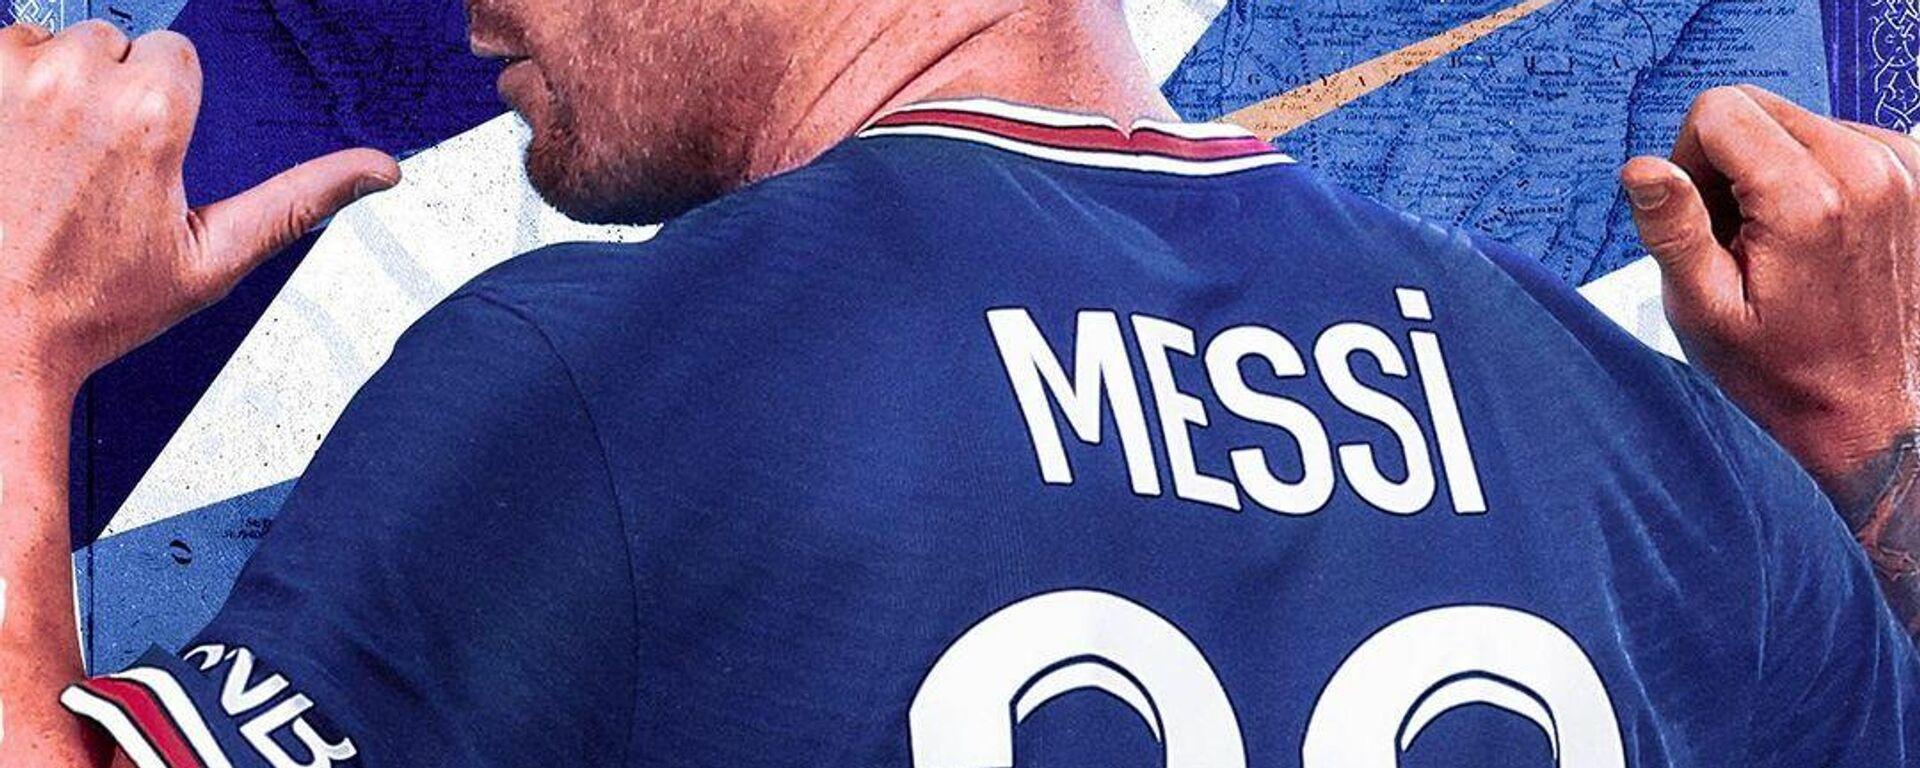 Camiseta Lionel Messi - Sputnik Mundo, 1920, 14.08.2021